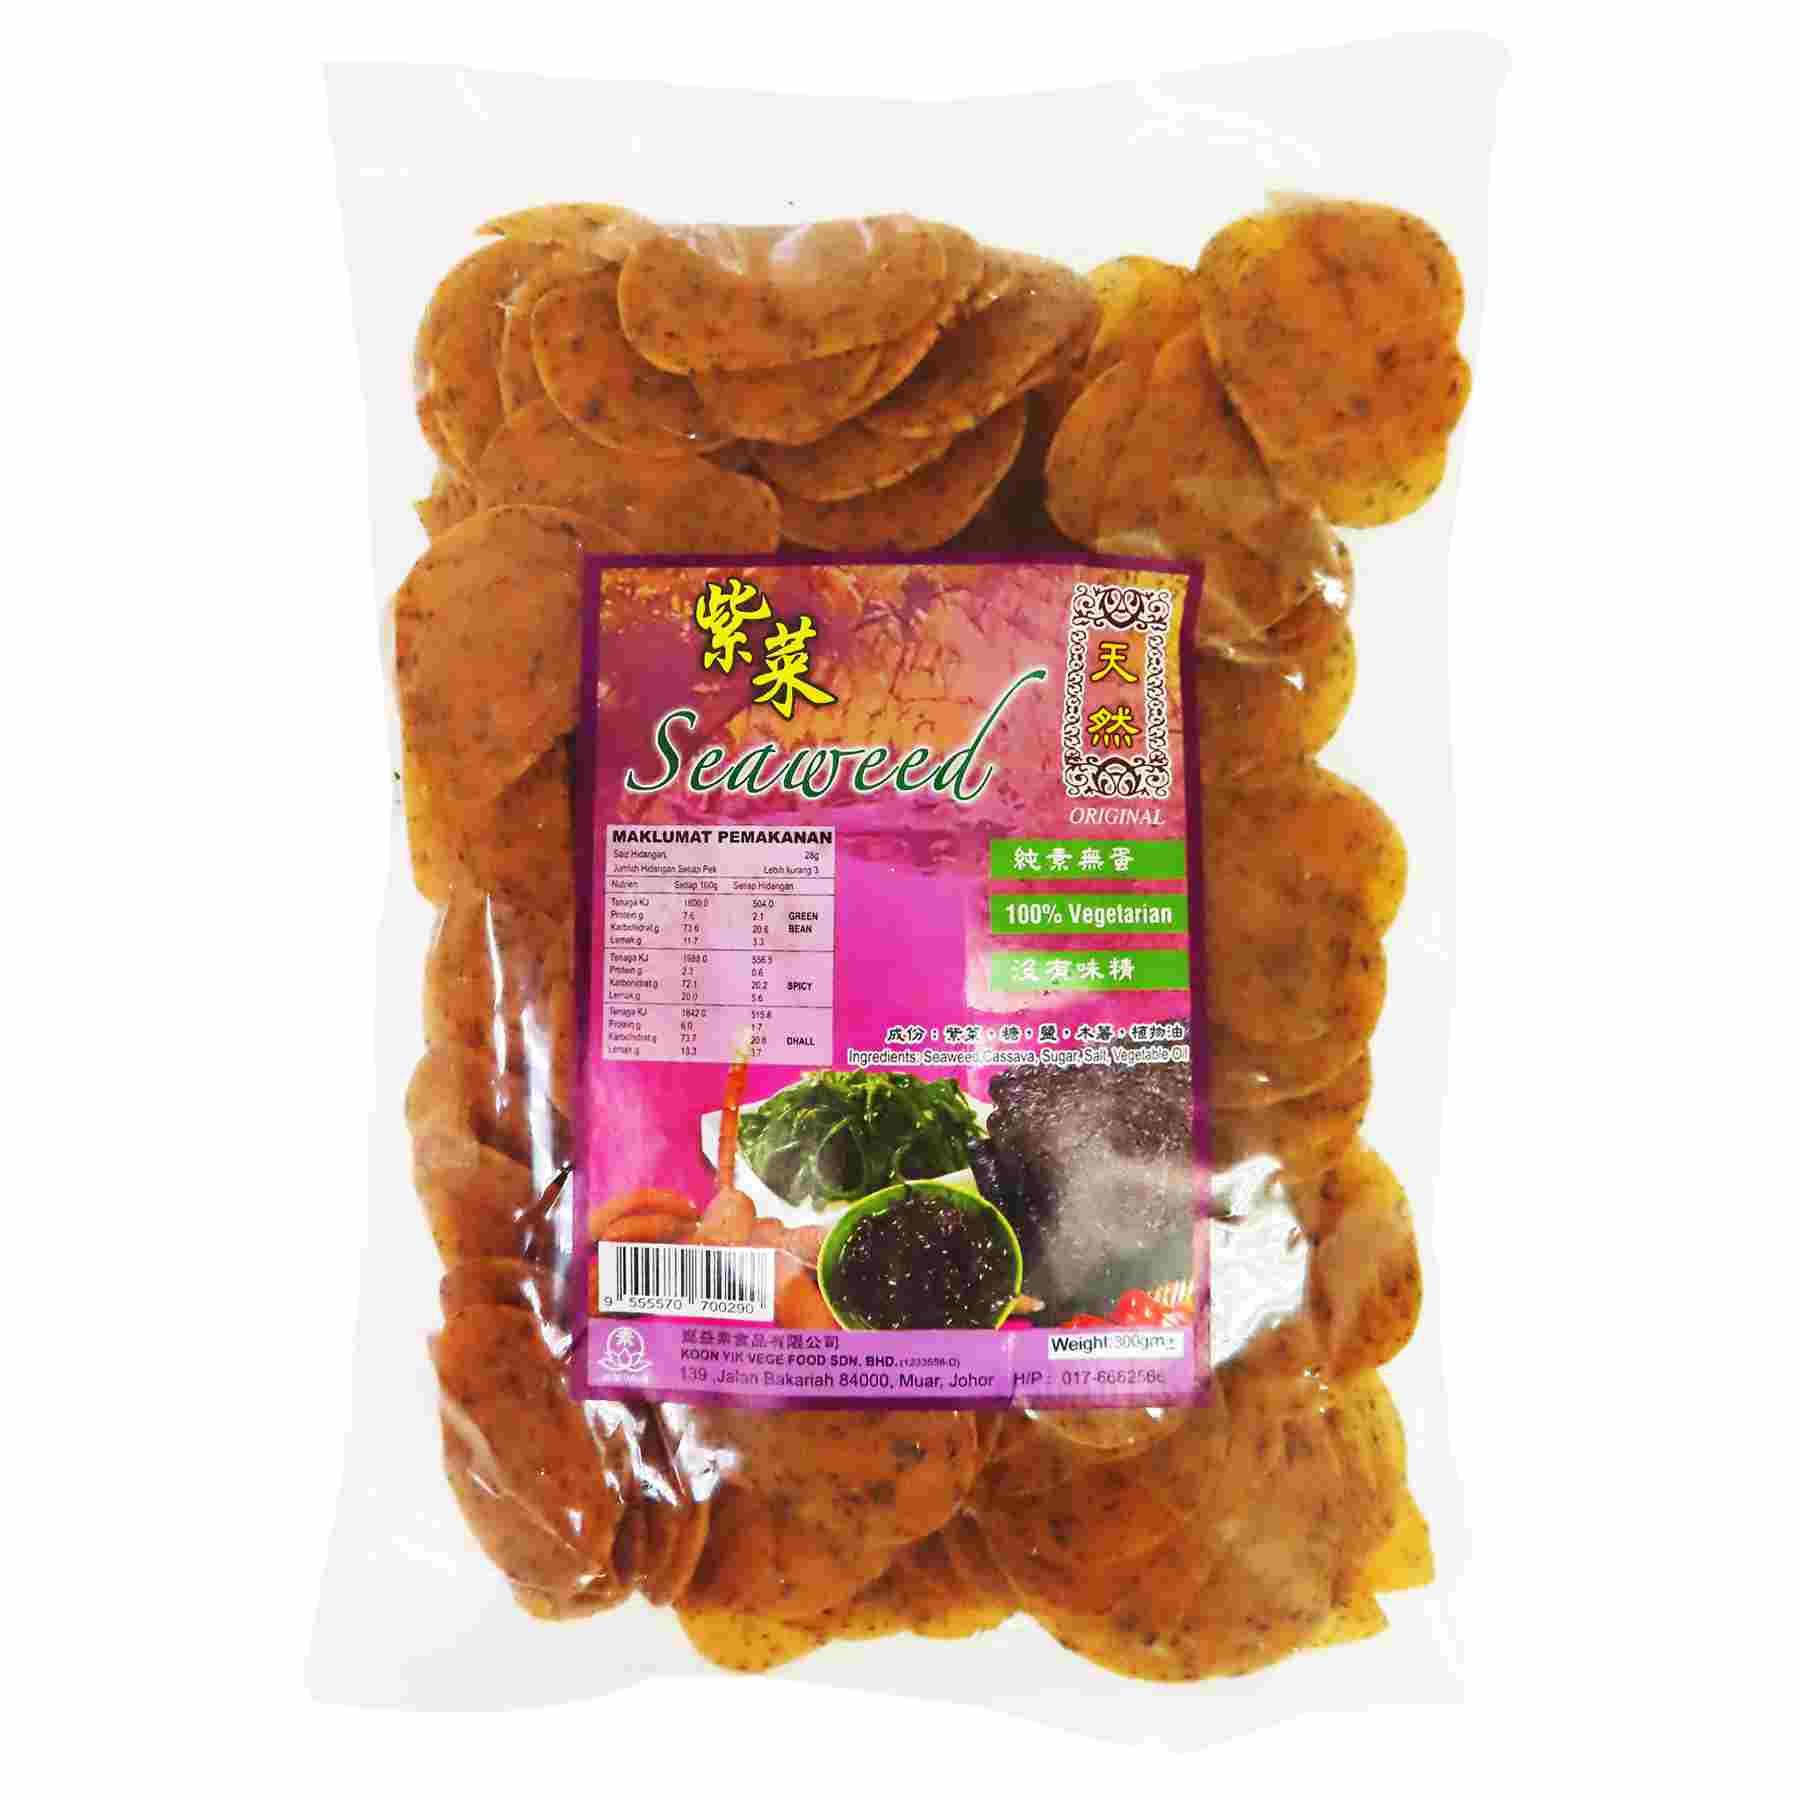 Image KY Original Seaweed Crackers 昆益 - 天然紫菜生片 350grams